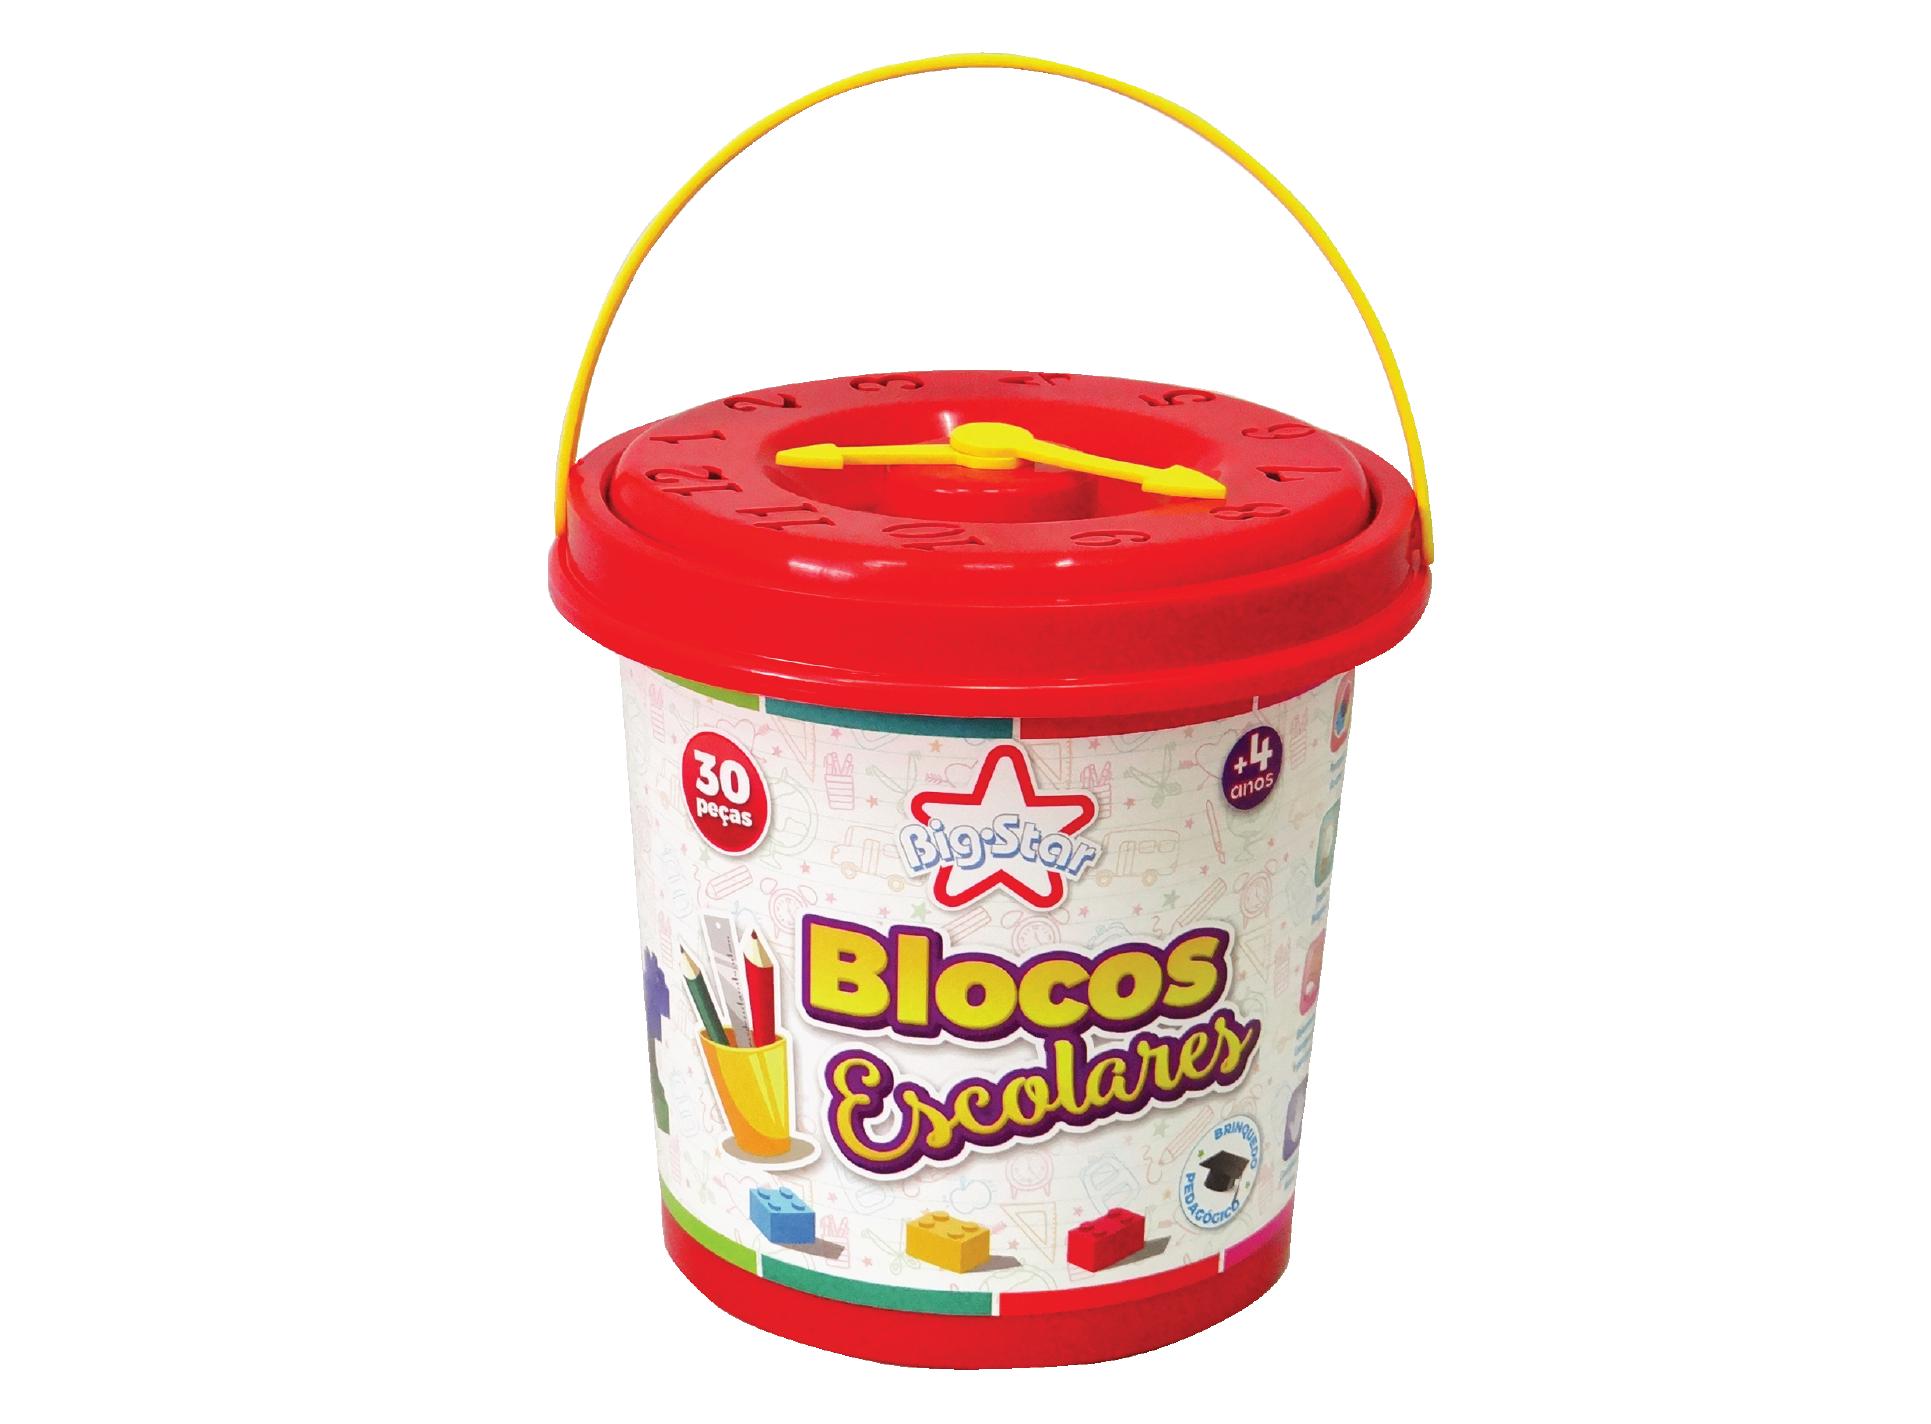 061-BBE - Blocos Escolares